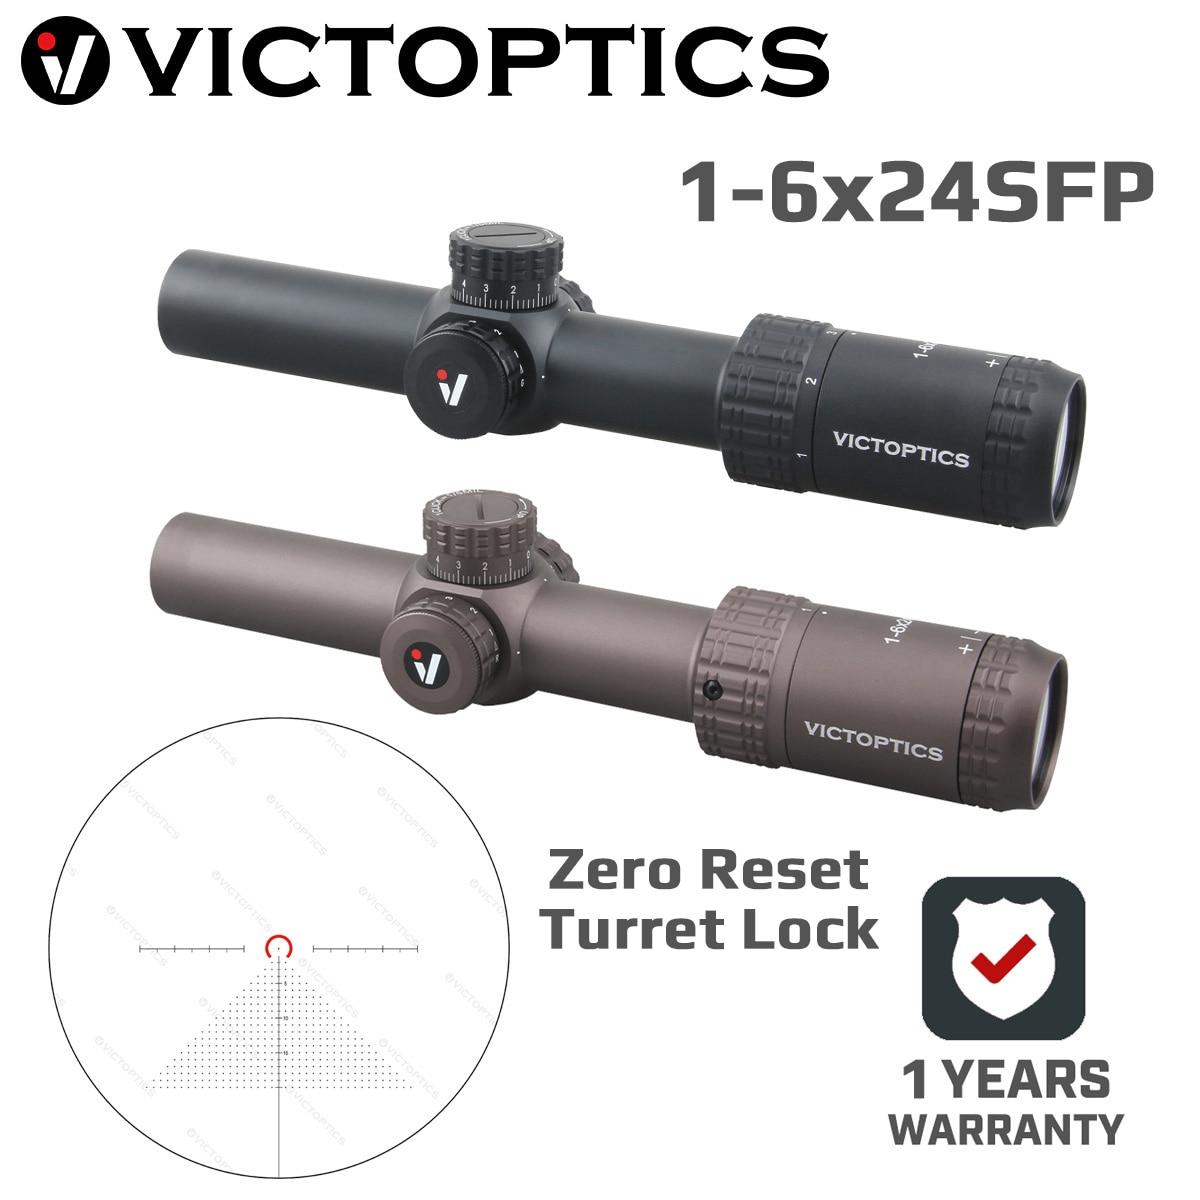 Victoptics agn 1-6x24sfp rifle escopo visão 5 nível de iluminação torreta bloqueio re-definir zero sistema para airsoft rimfire. 177 .223 5.56